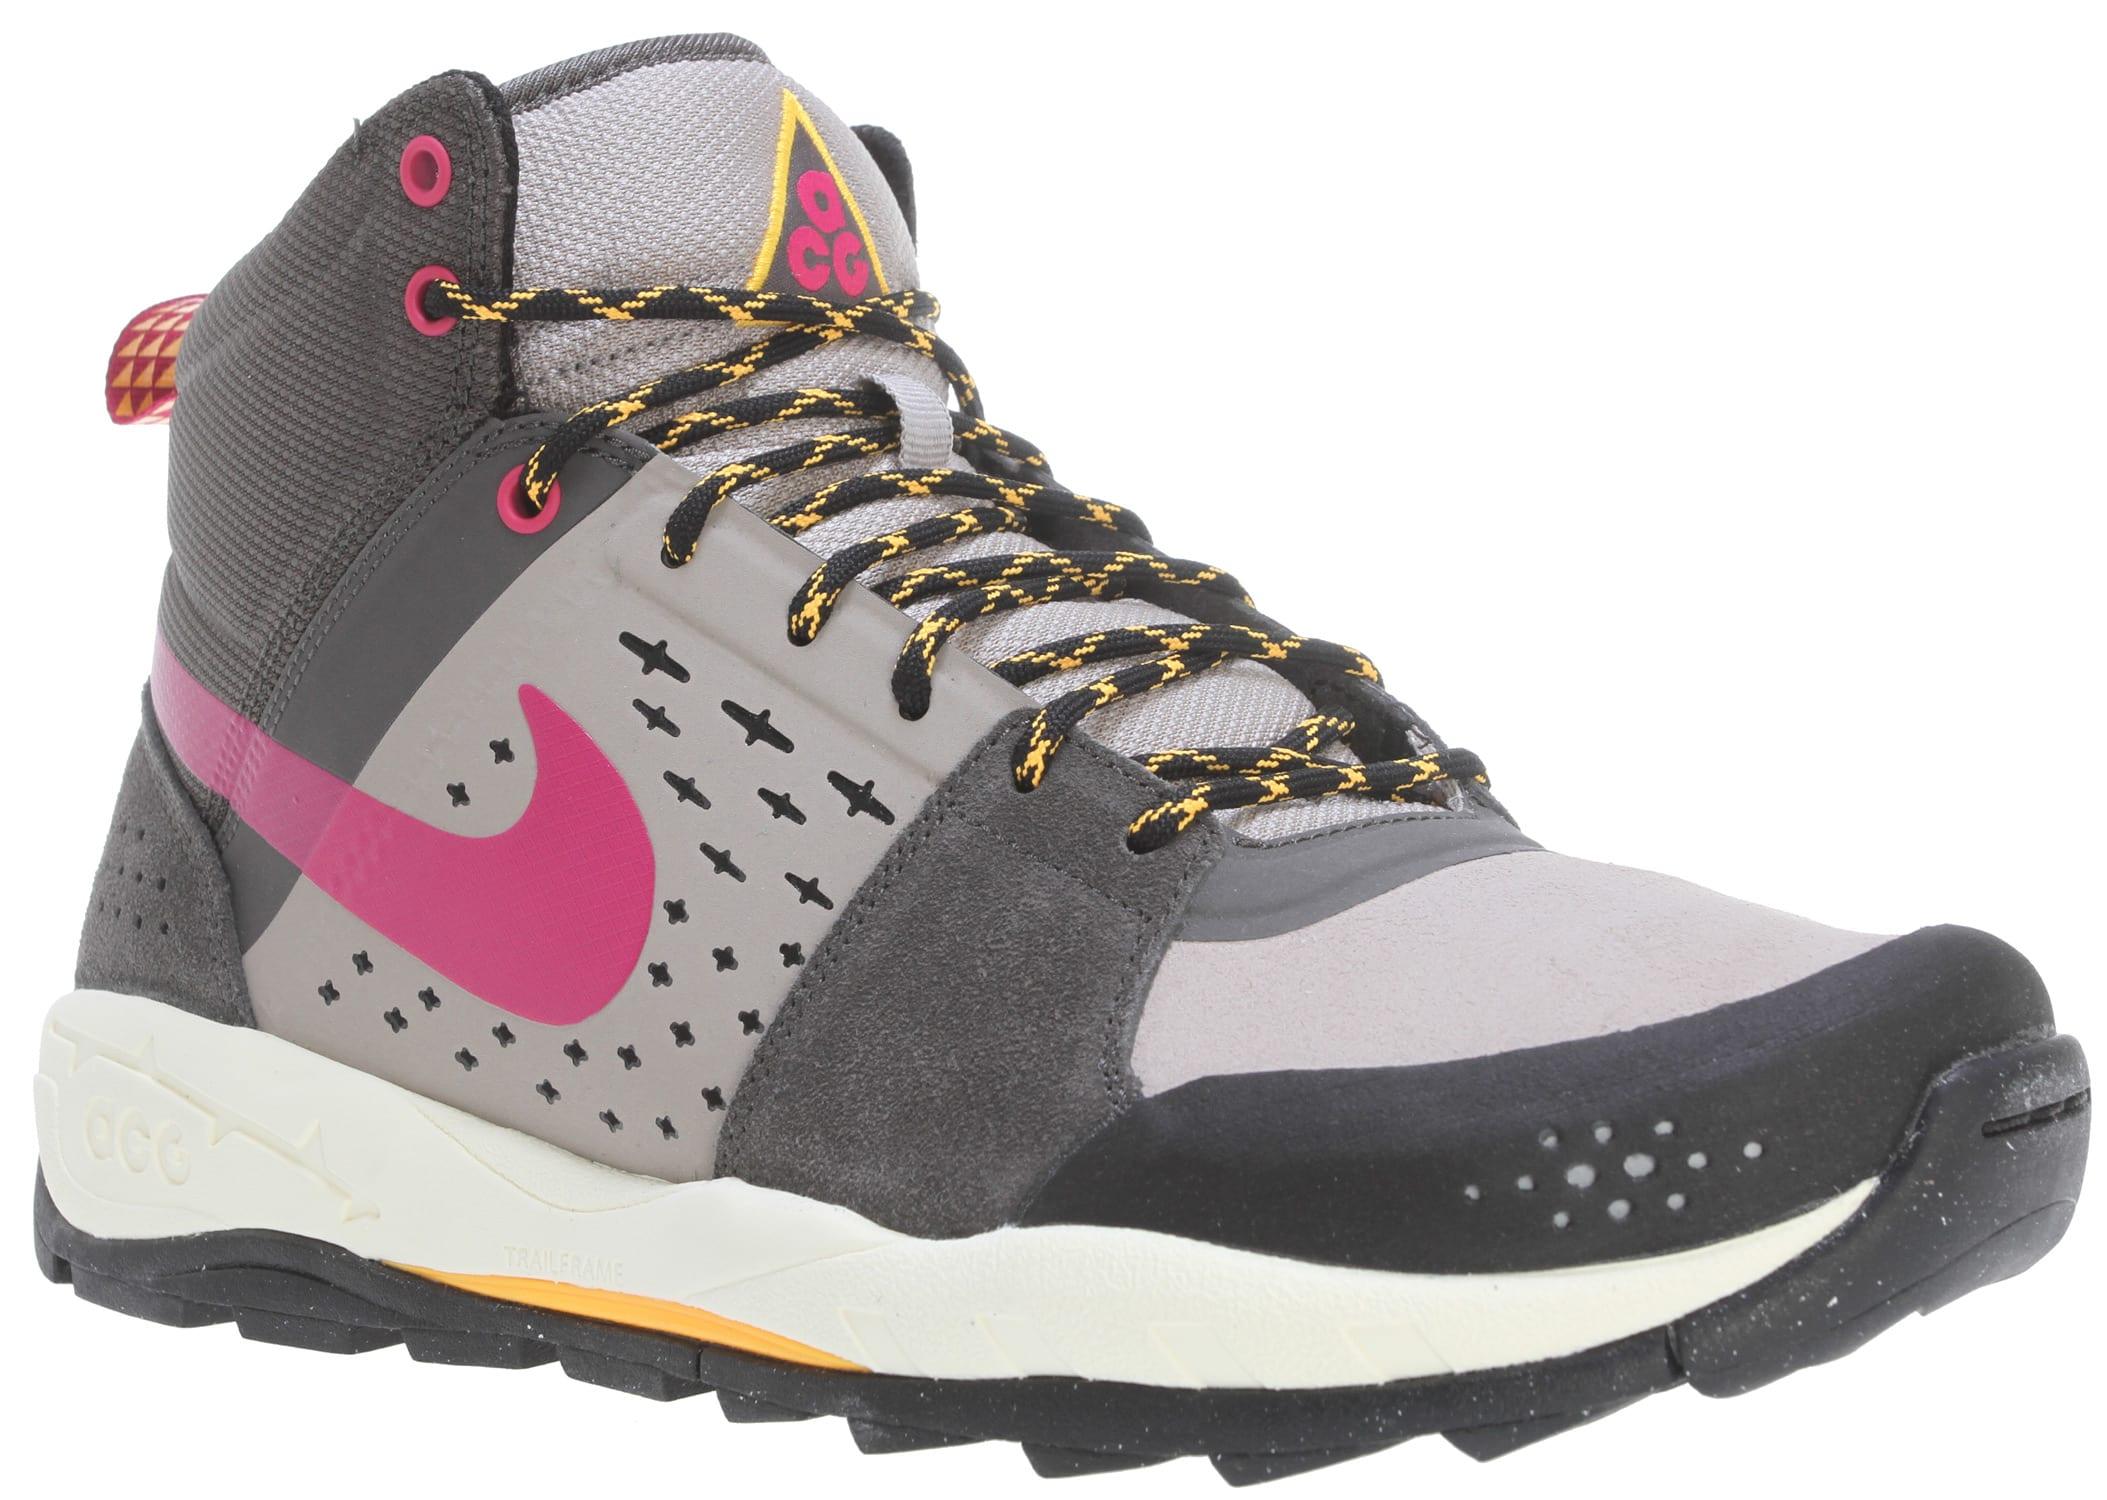 dac3b9e9774ad Nike Air Alder Mid Shoes - thumbnail 2